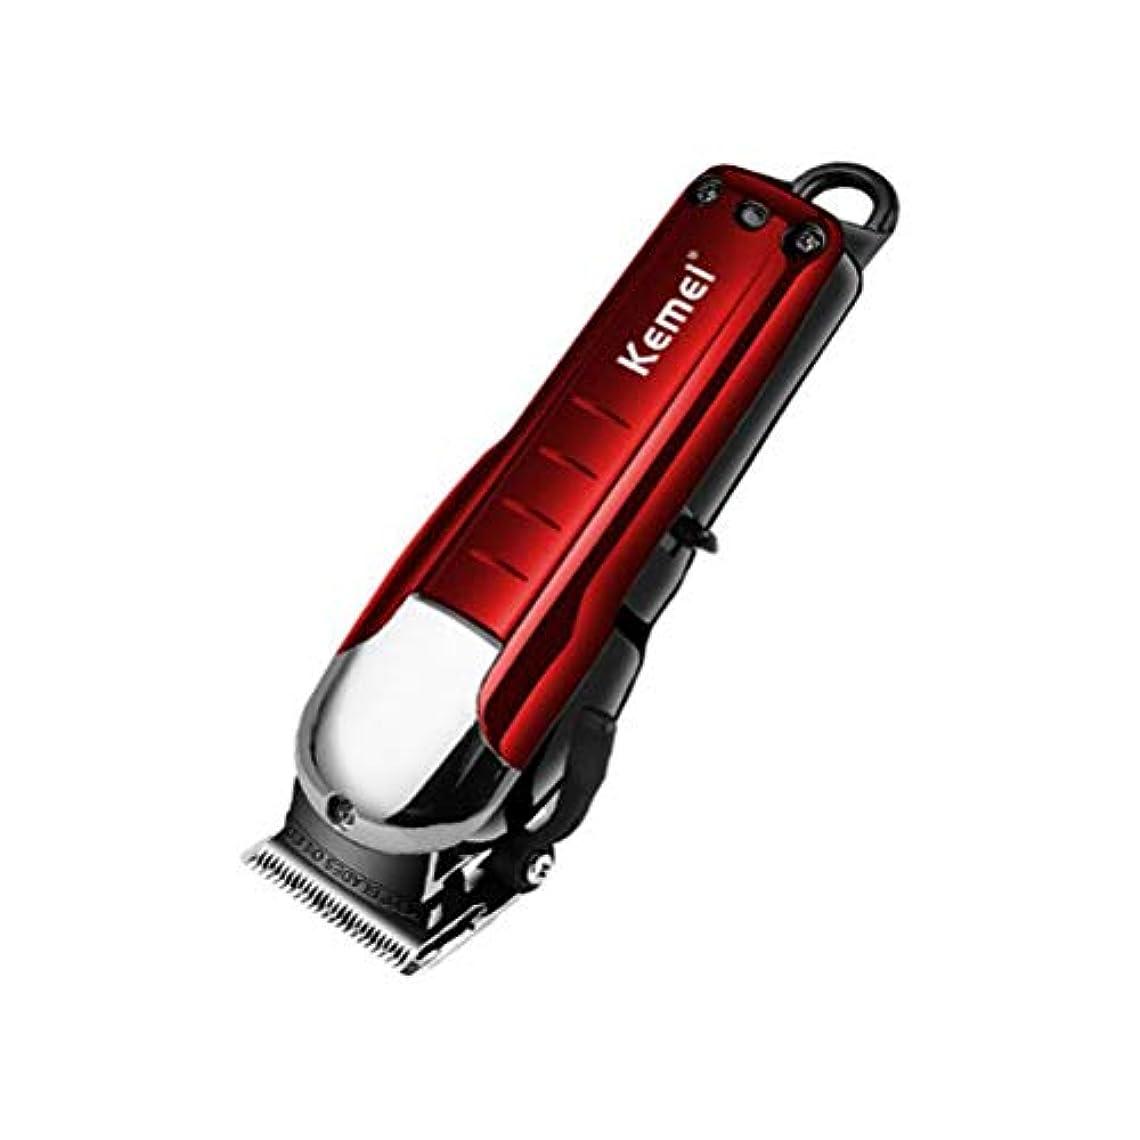 顔料パワー因子プロフェッショナル 男性と家族のためのヘアクリッパーひげトリマーツールセットコードレスクリッパー卸売ハイパワー かんたん, Red